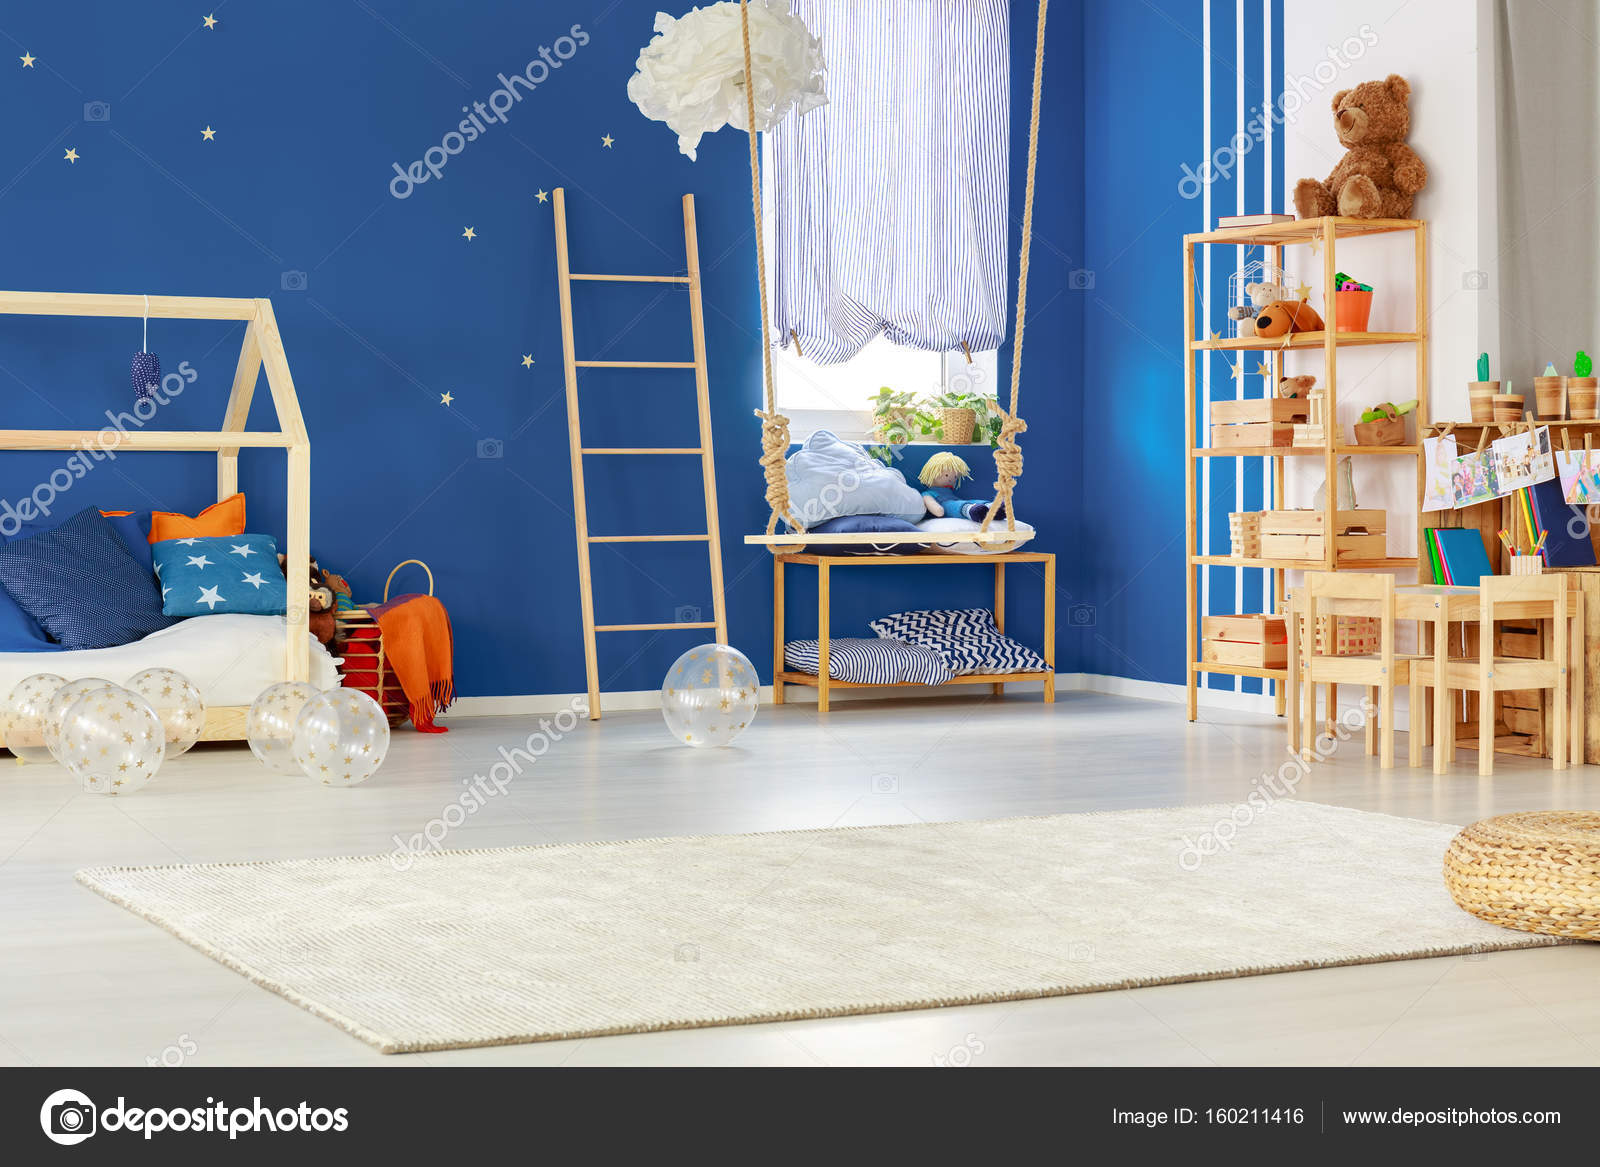 Schommel In Kinderkamer : Kinderkamer met schommel u stockfoto photographee eu